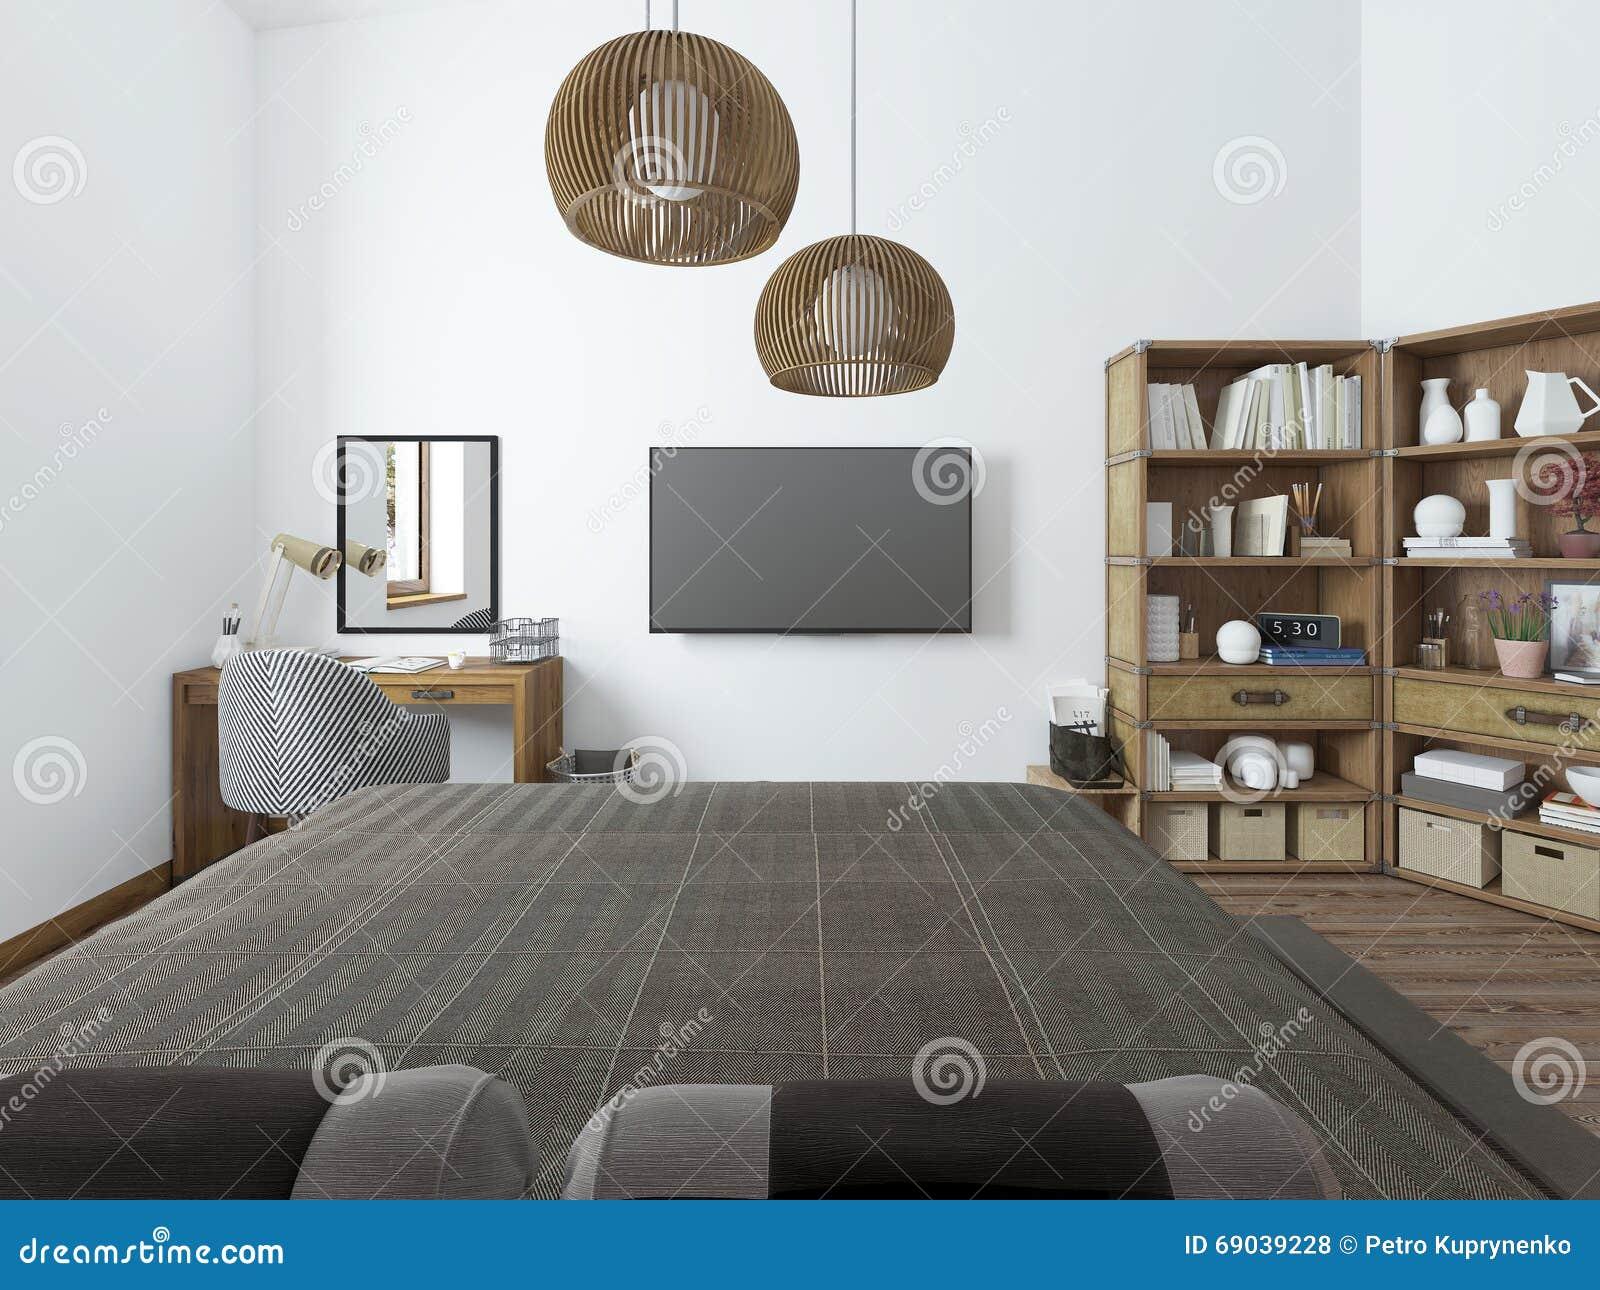 Chambre à coucher avec le bureau de tv et étagères pour des livres